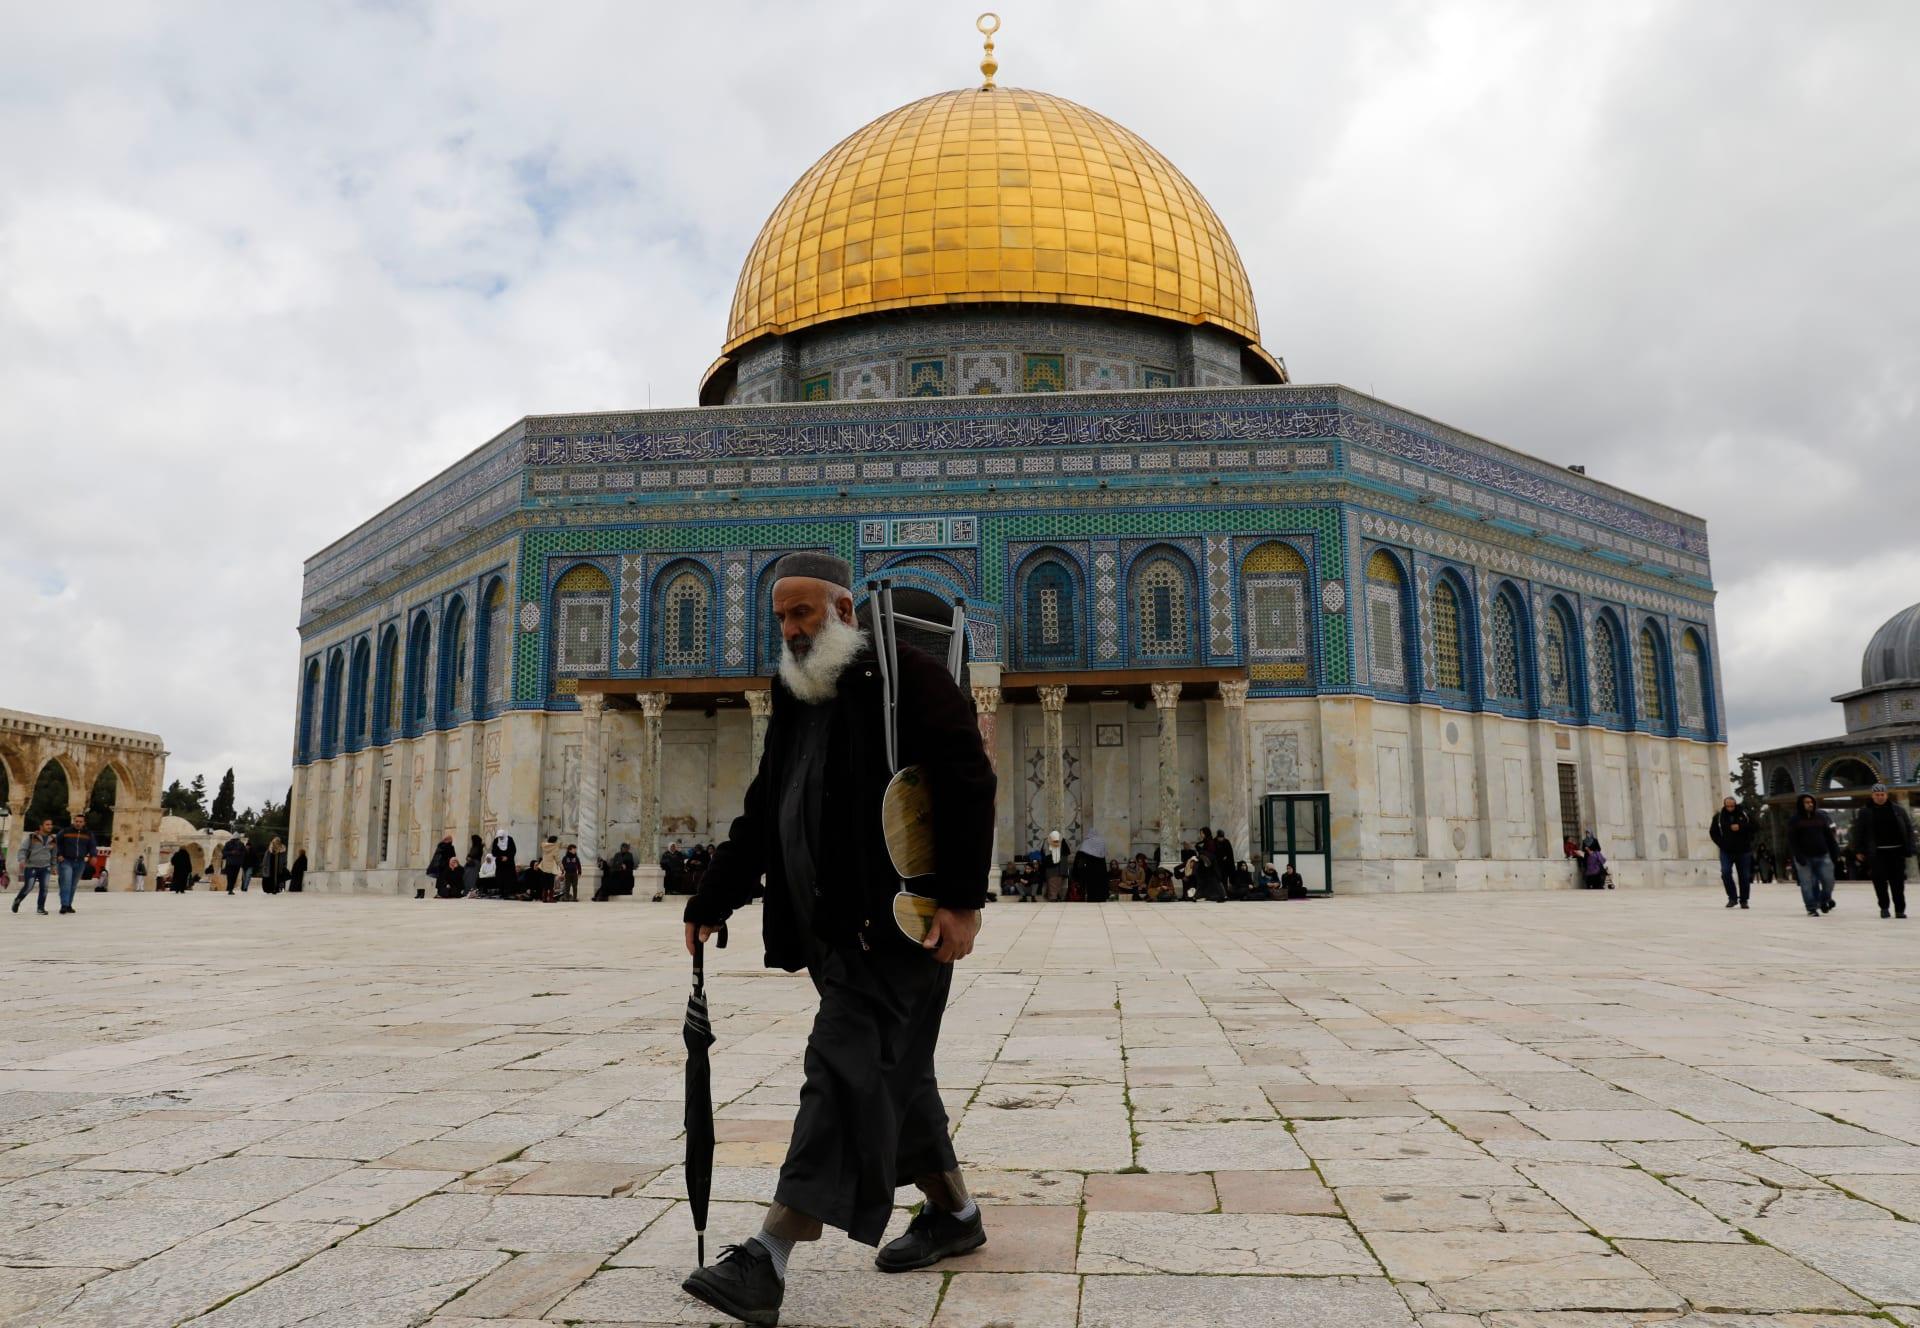 بعد تداول فيديو طرد زوار عرب للمسجد الأقصى.. رئيس الحكومة الفلسطيني: يُدخل من بوابة أصحابه